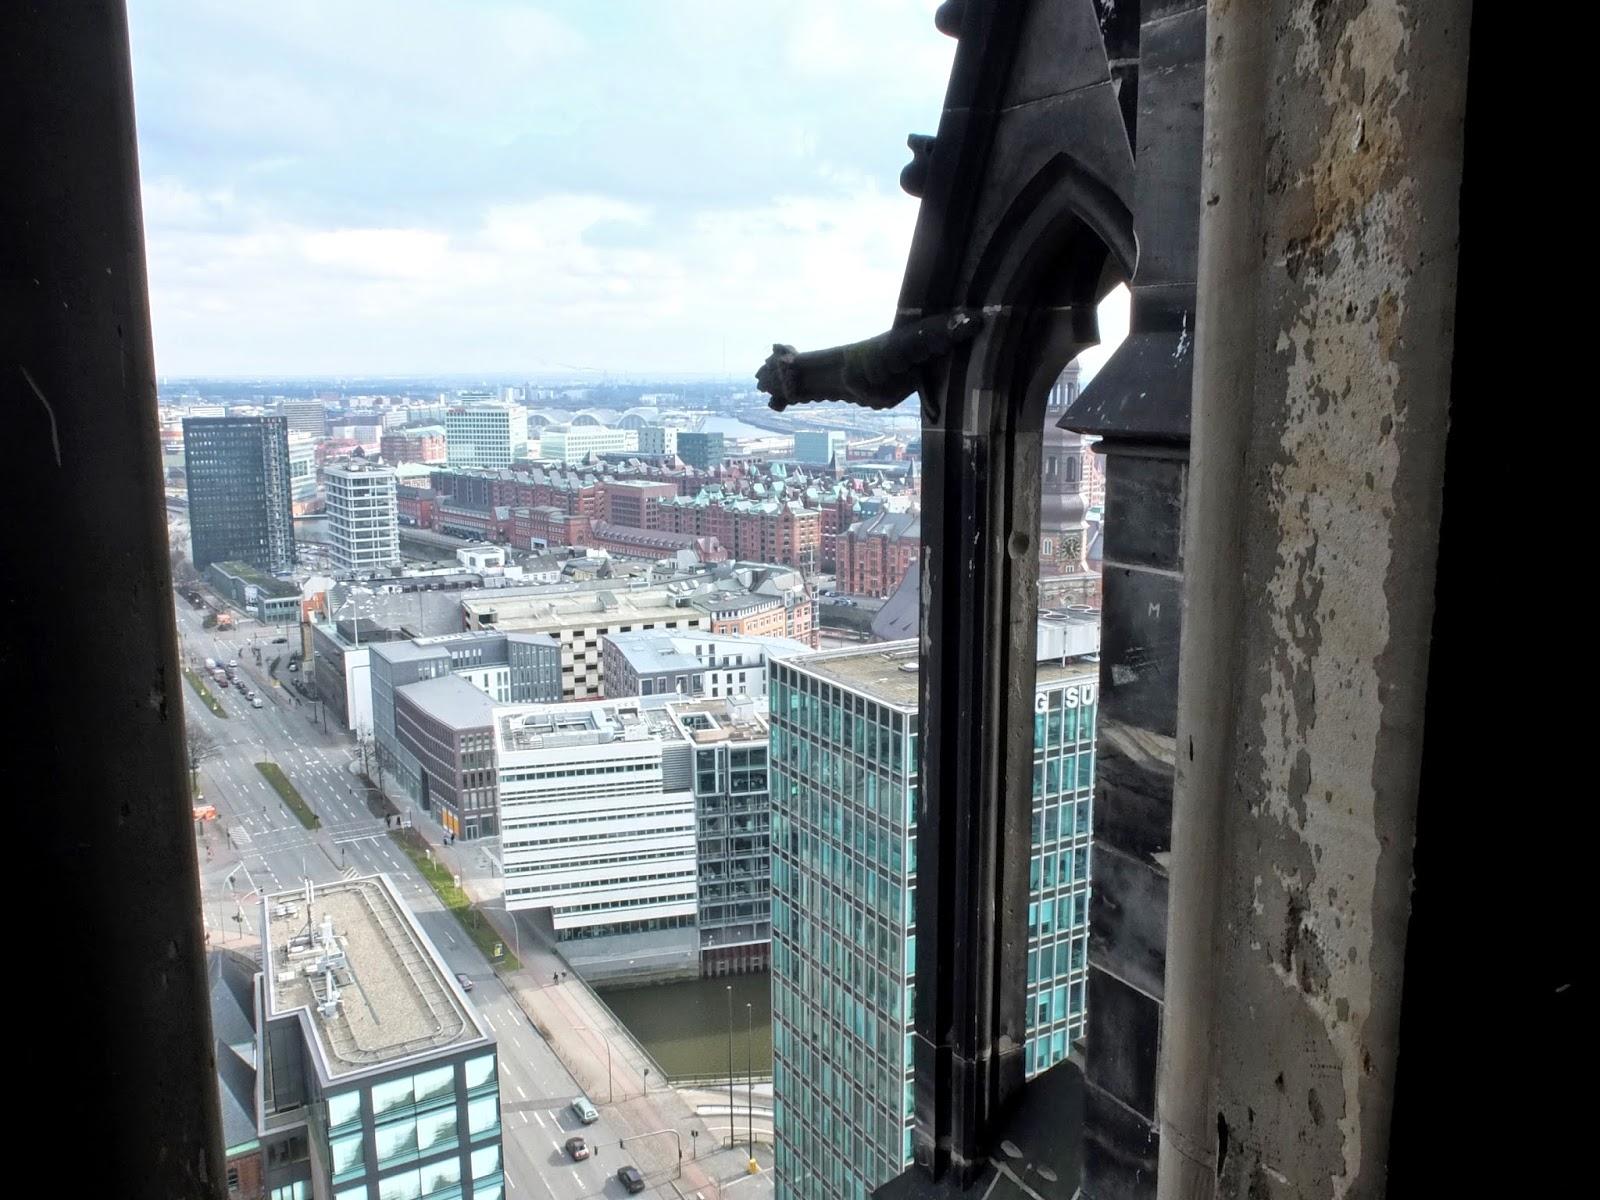 Aussichtsplattform, Kirchturm, Gedenkstätte, Gedächtnisort